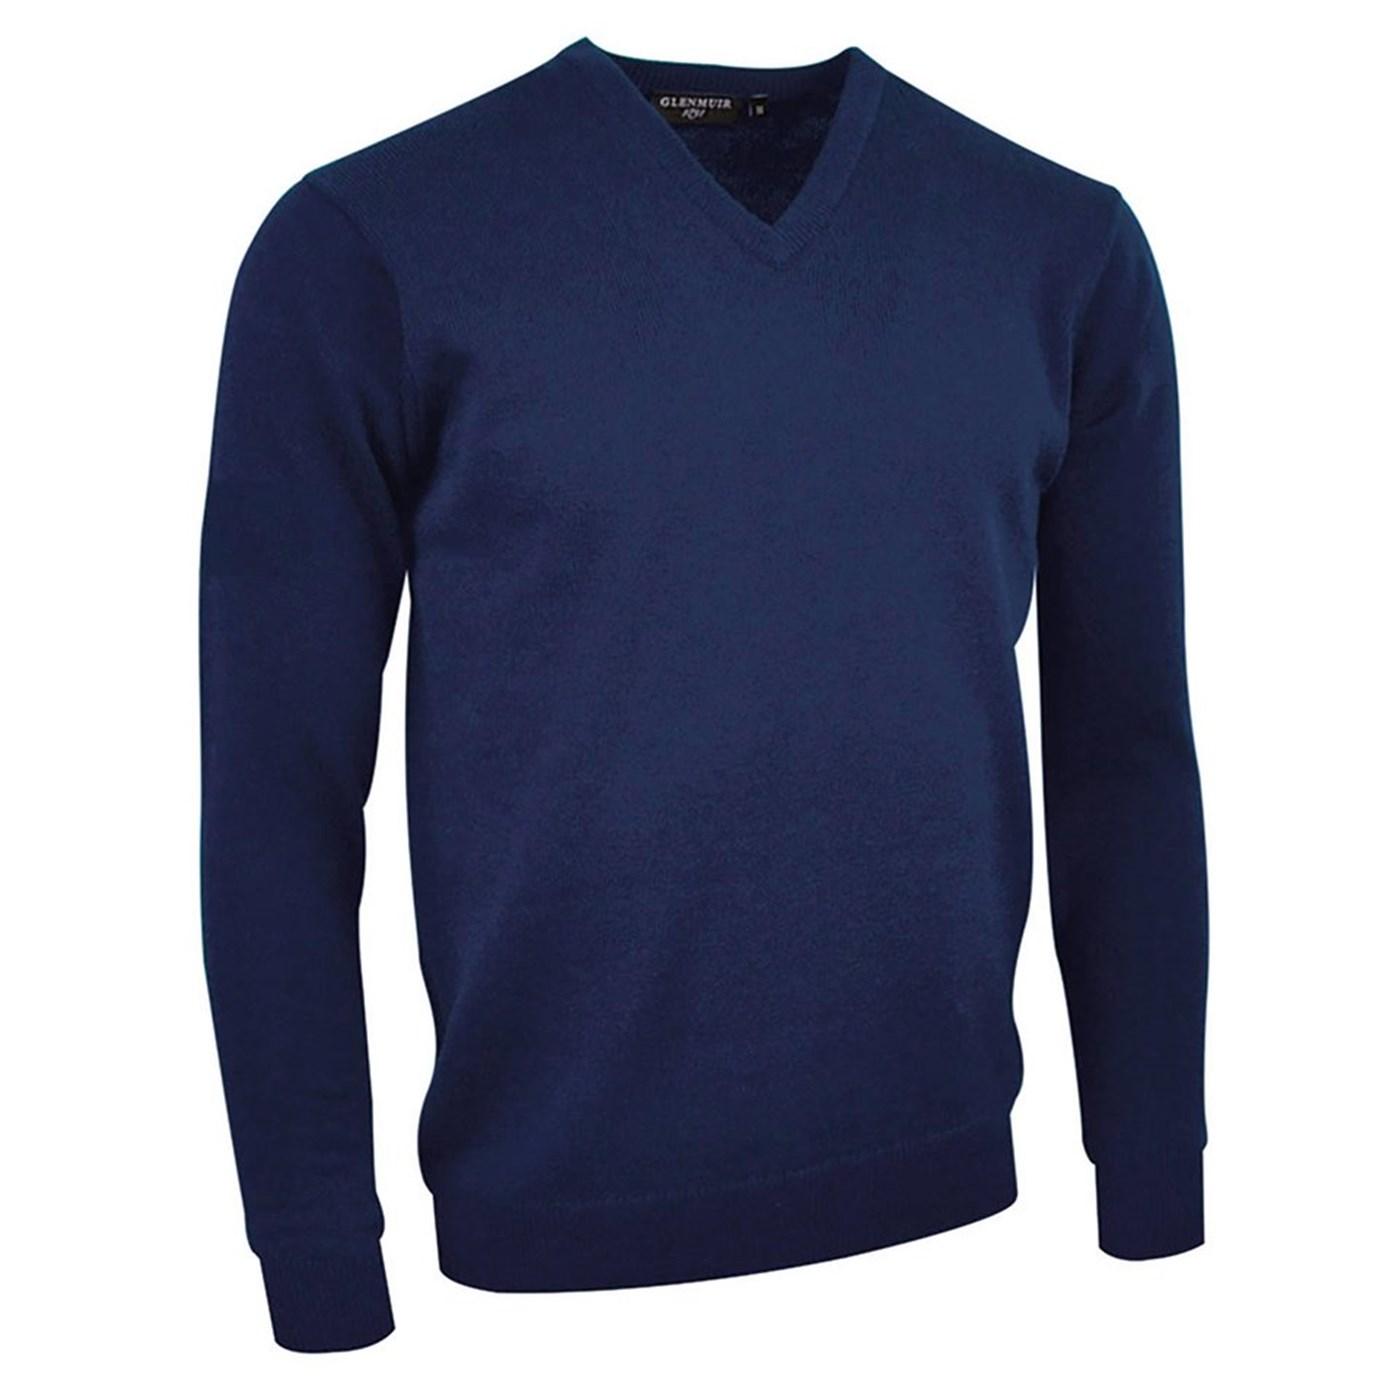 MKL5900VN-LOM Glenmuir G.Lomond Men/'s Lambswool V-neck Sweater